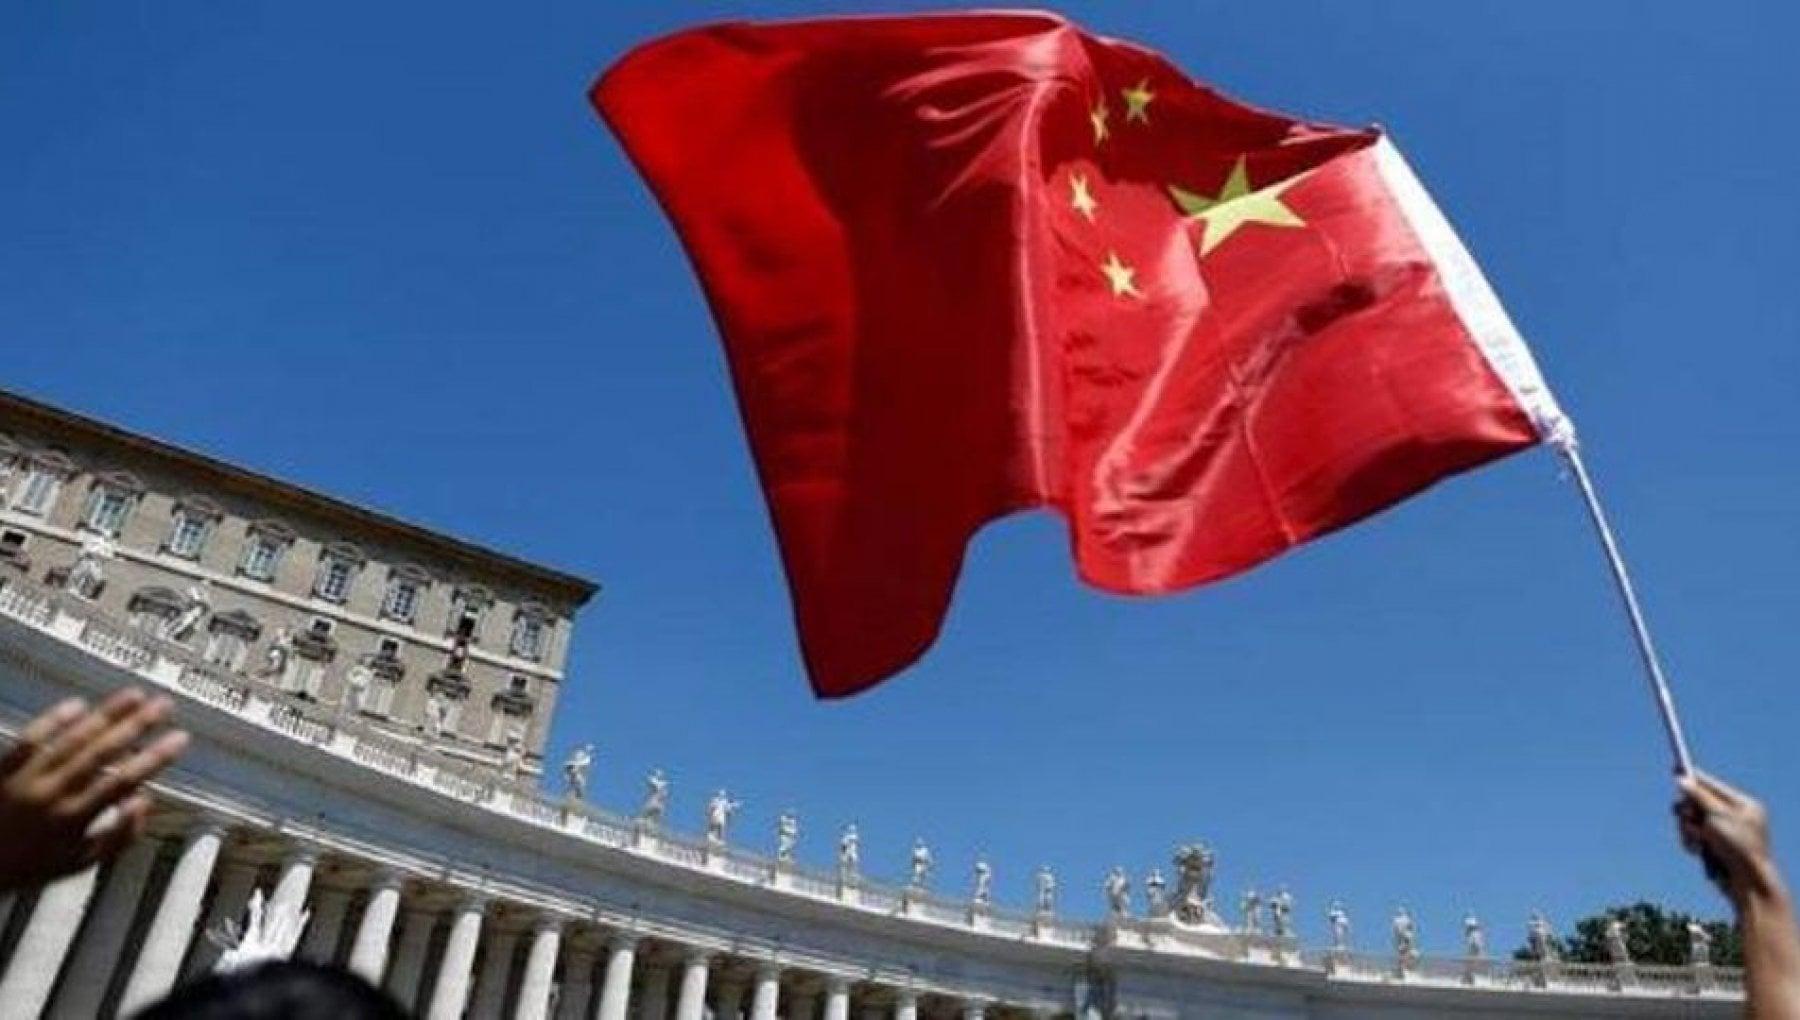 133627917 4a6b3230 83aa 4d12 af9b 50b63f1998cc - Cina-Vaticano: agli arresti il vescovo, 7 sacerdoti e 10 seminaristi di Xinxiang, diocesi non riconosciuta da Pechino